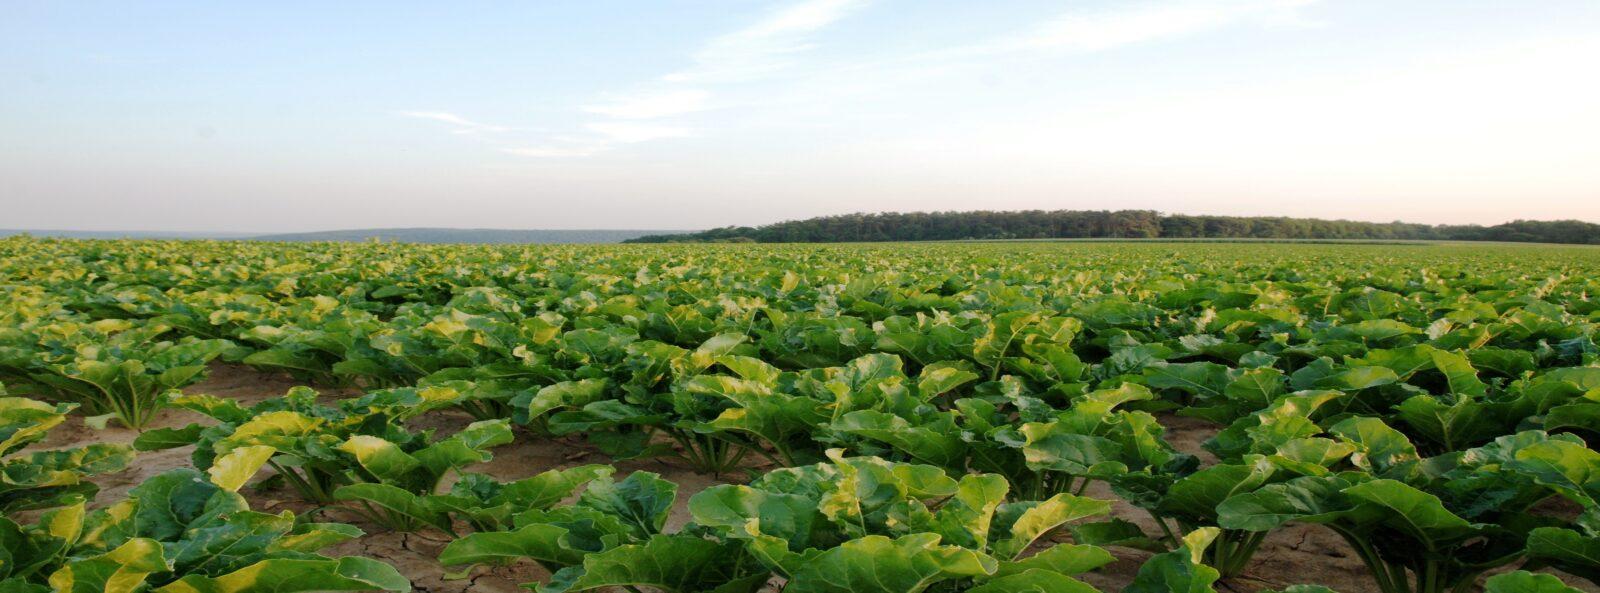 Sugar Beet Field 4799481326